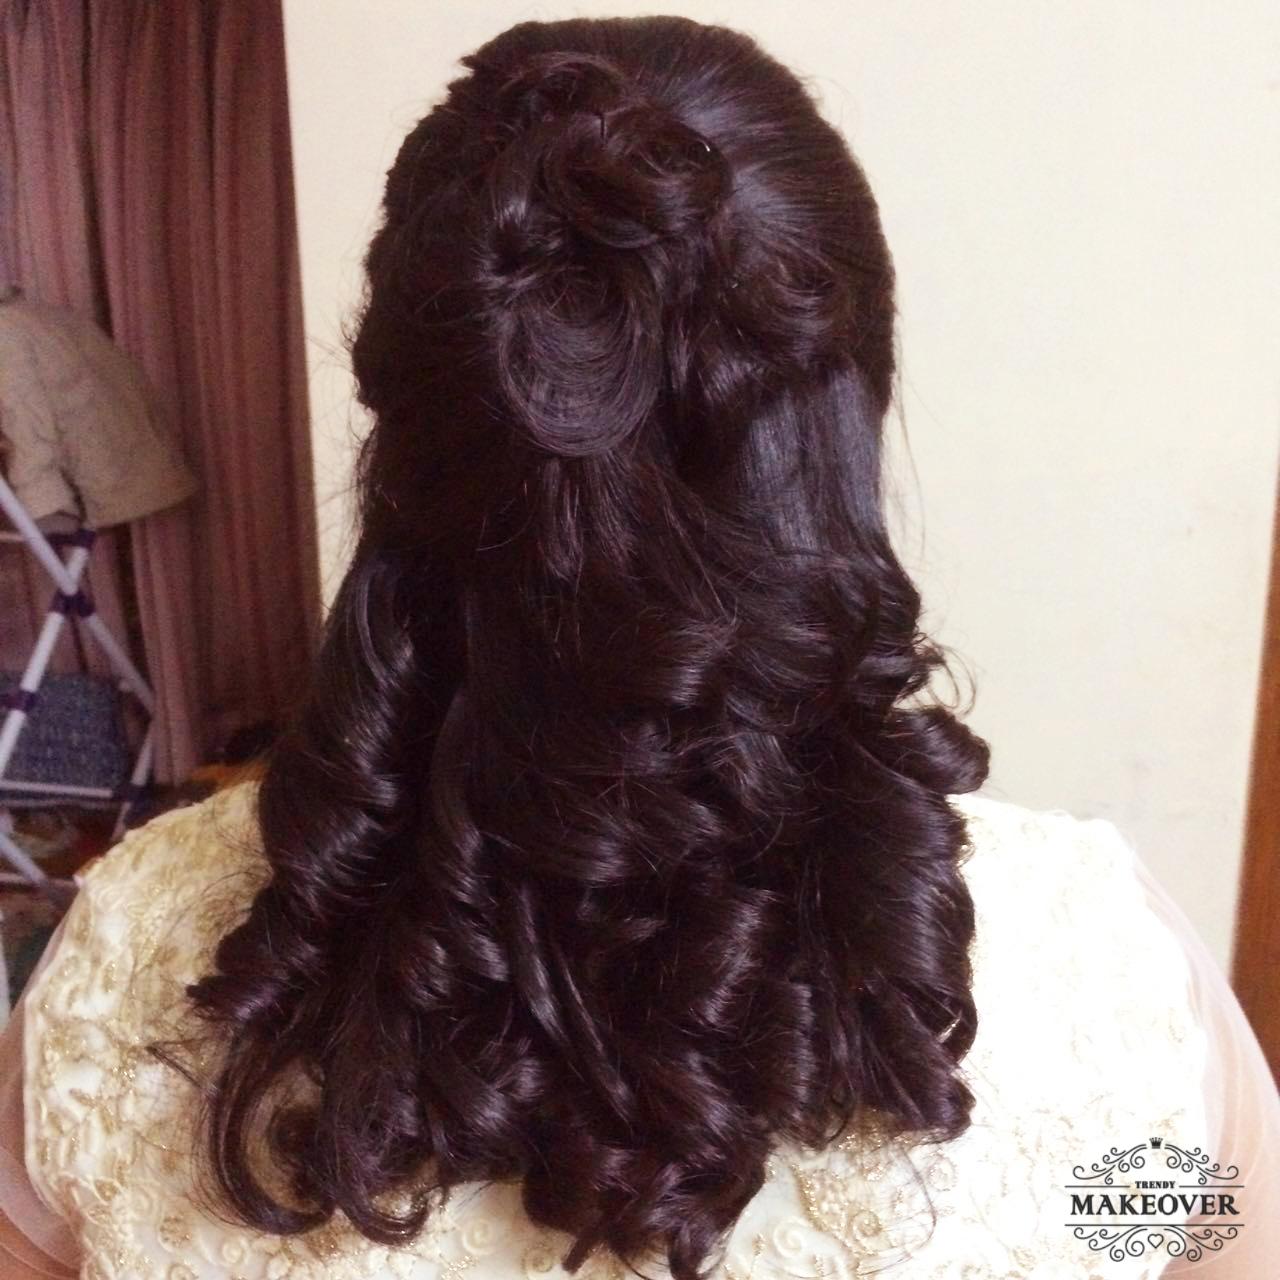 Hair Treatment & Hair Spa